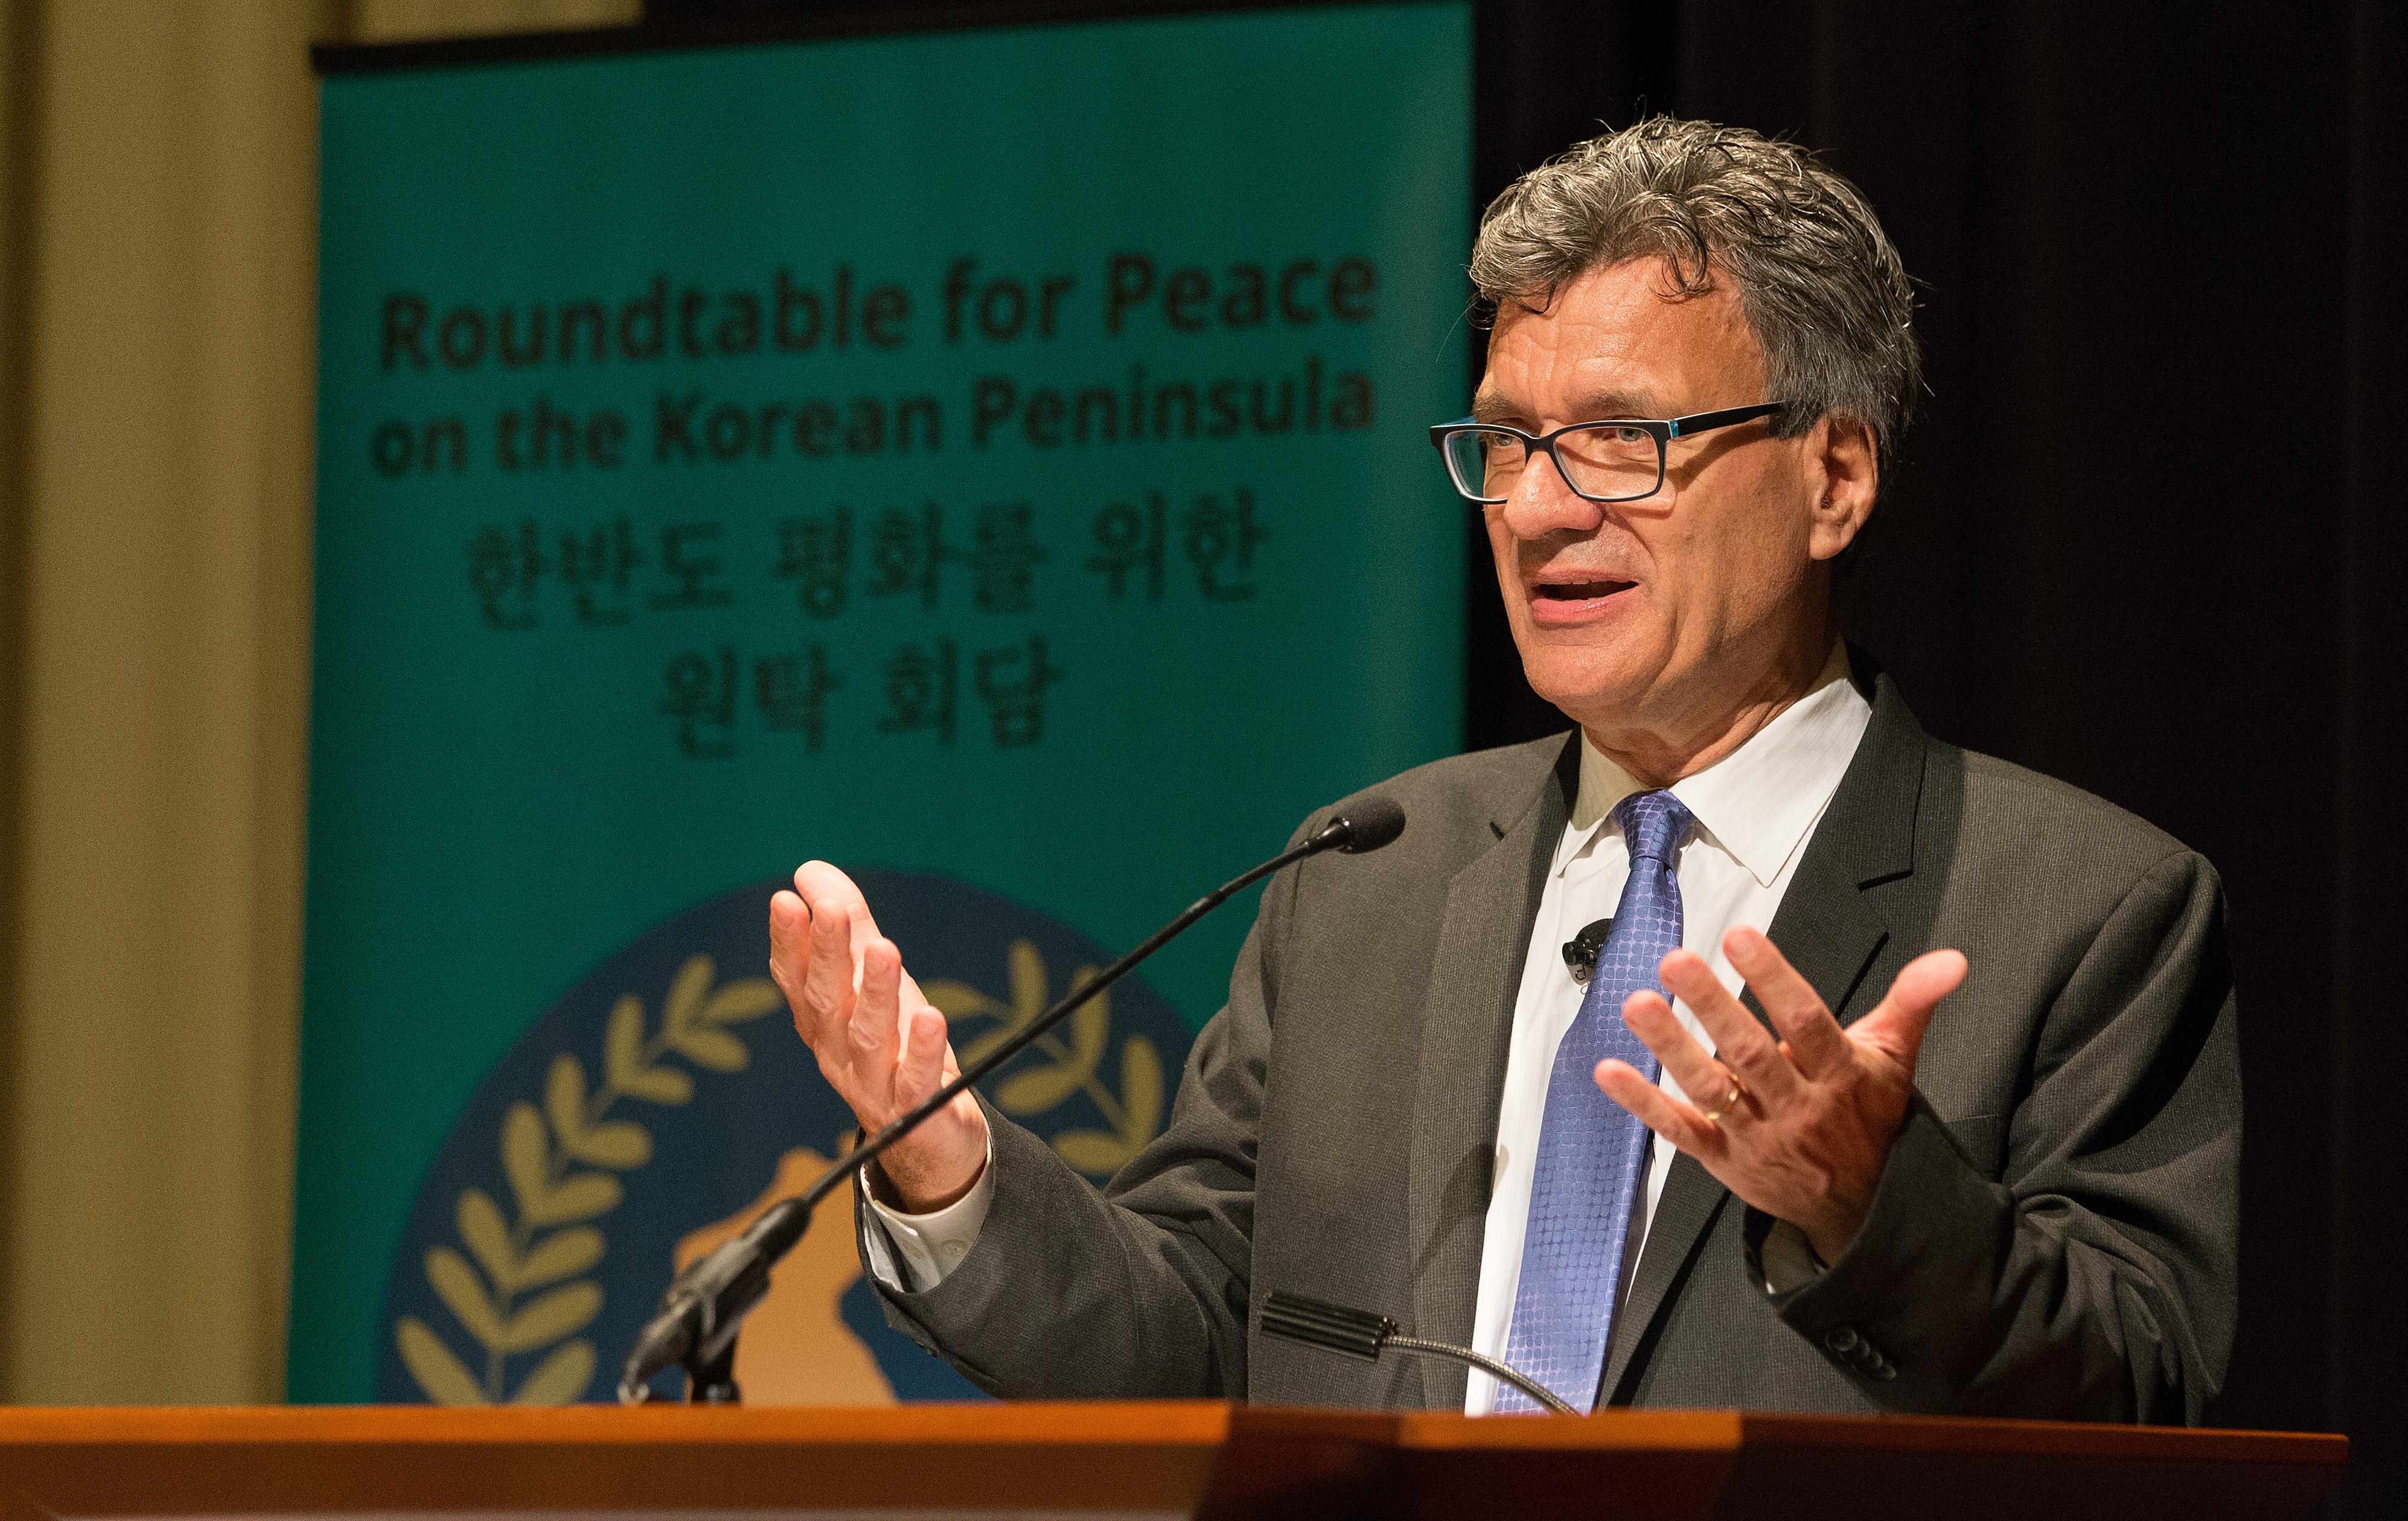 Thomas Kemper, atual Secretário Geral da Junta Geral de Ministérios Globais (GBGM), não será reeleito. Foto Mike DuBose, Notícias MU.